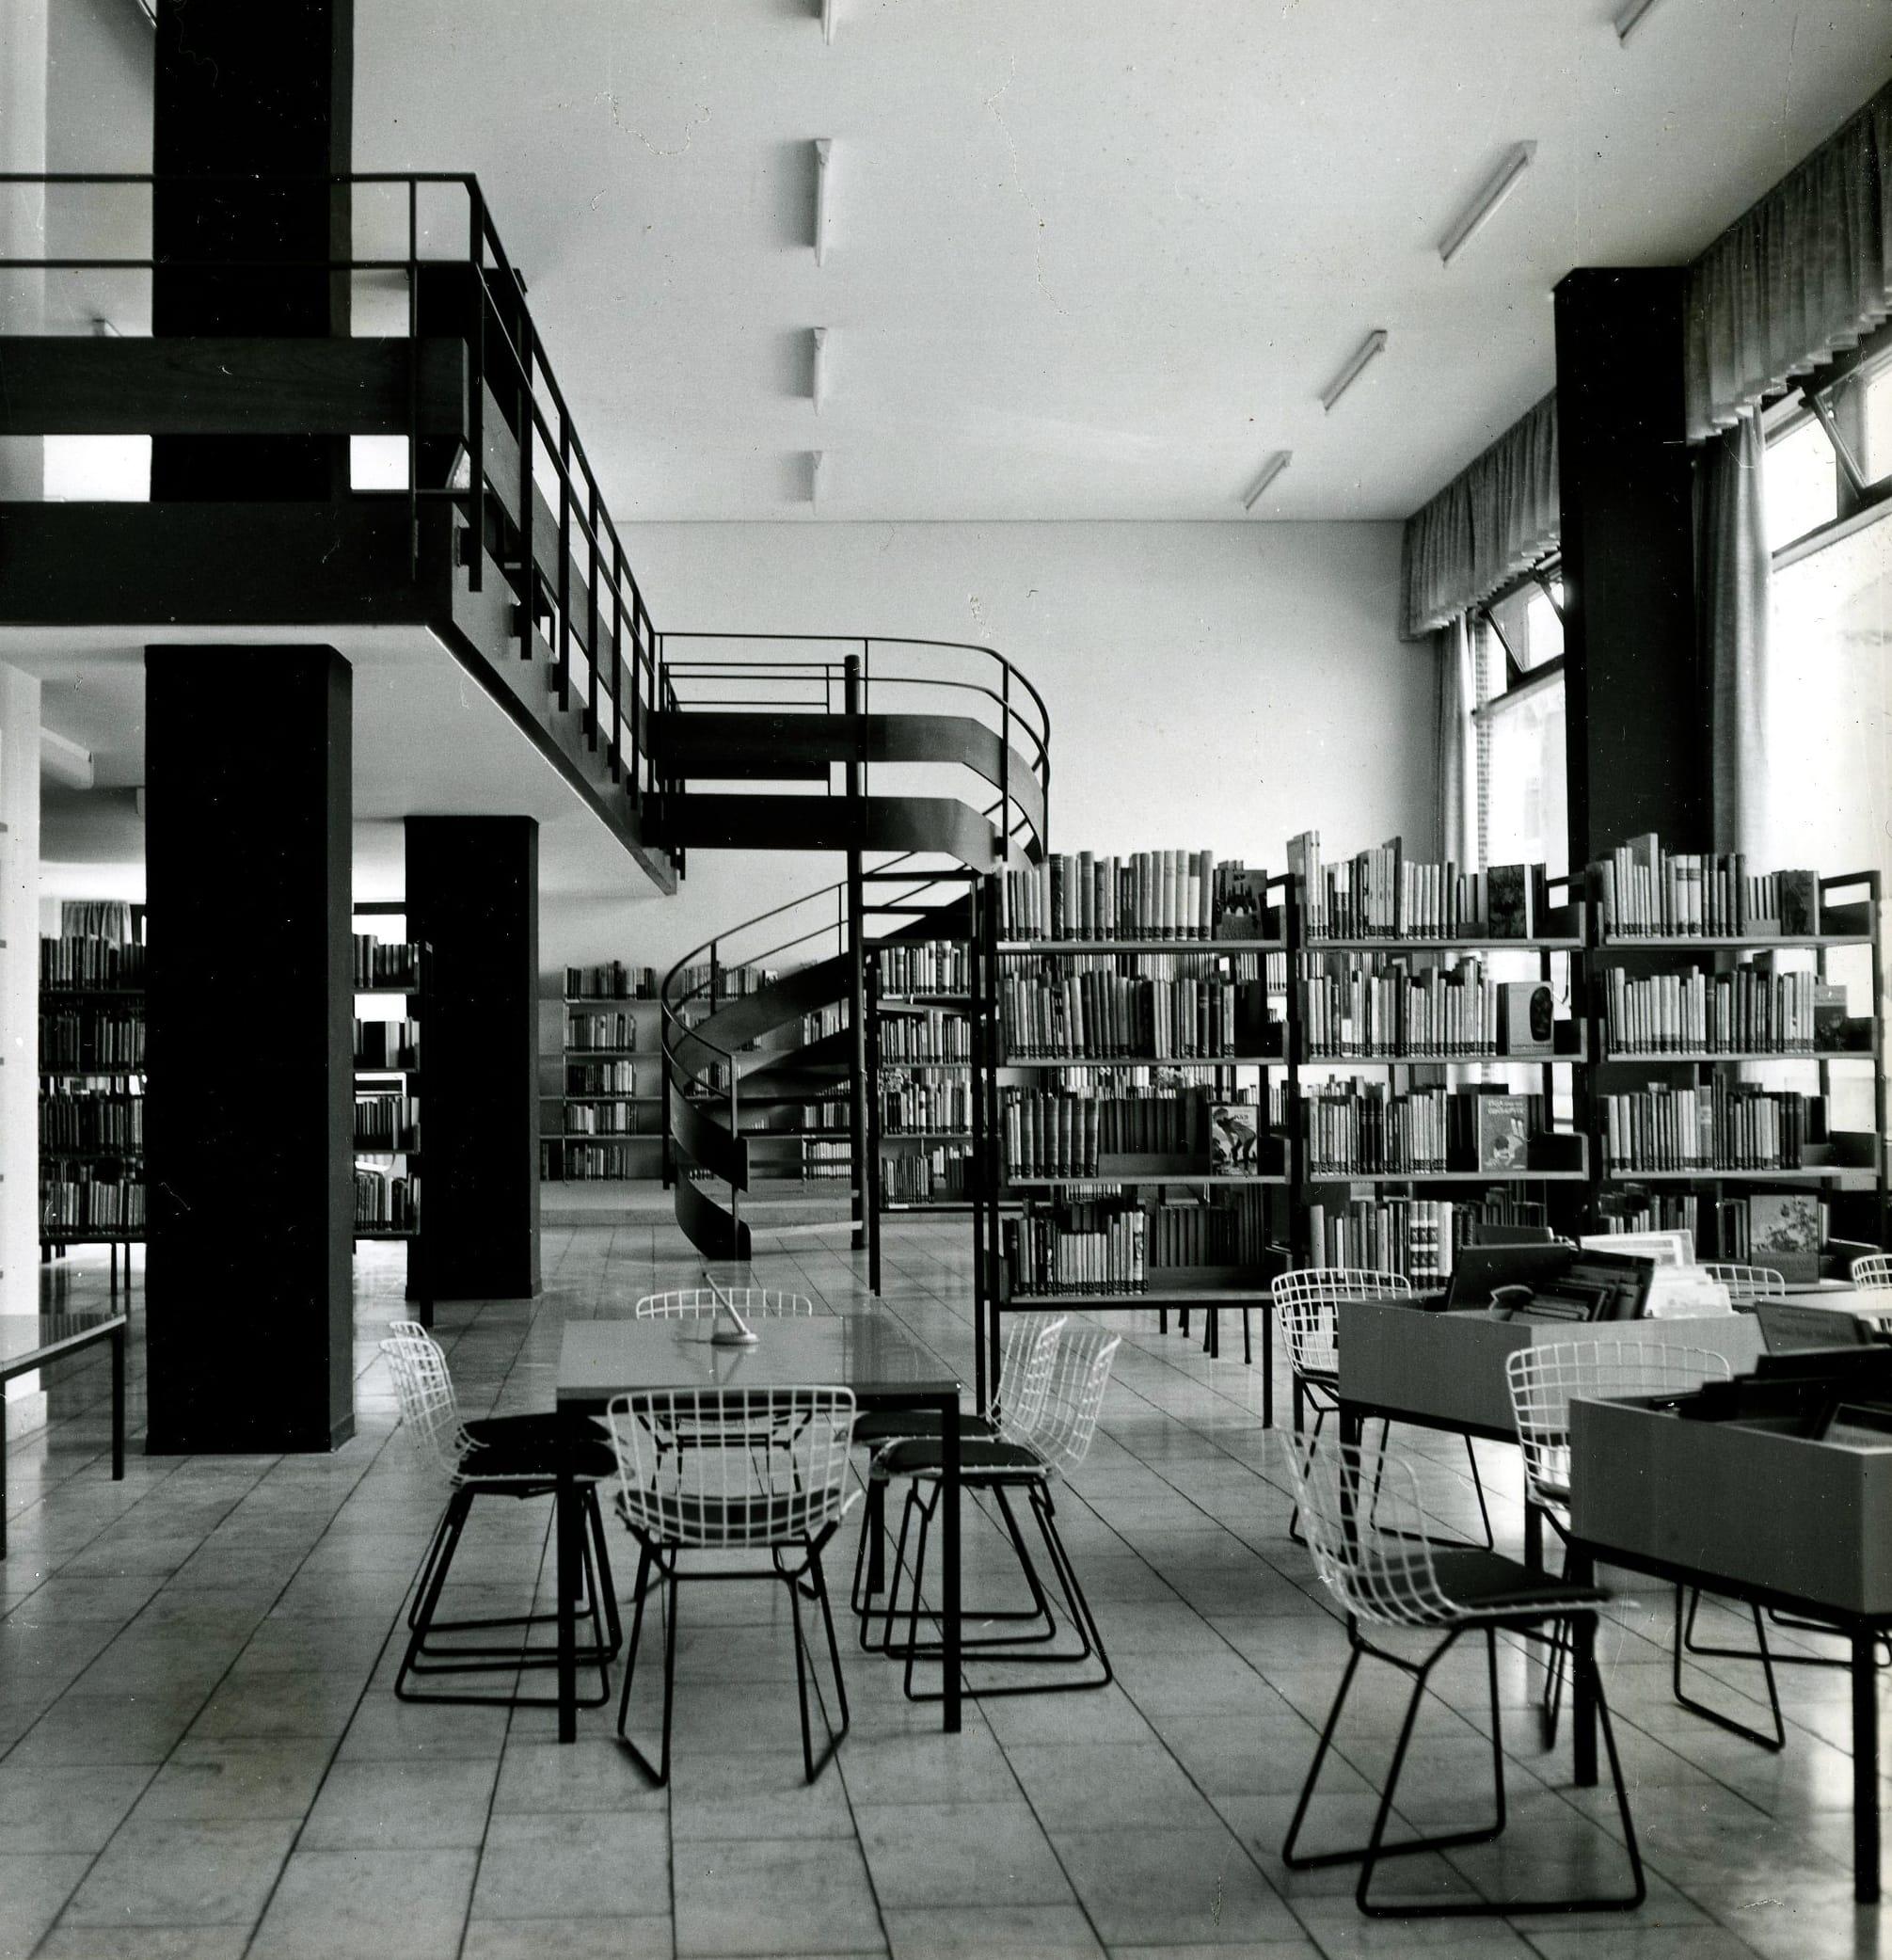 Justus Herrenberger, Öffentliche Bücherei, Braunschweig, 1960, Foto: Justus Herrenberger